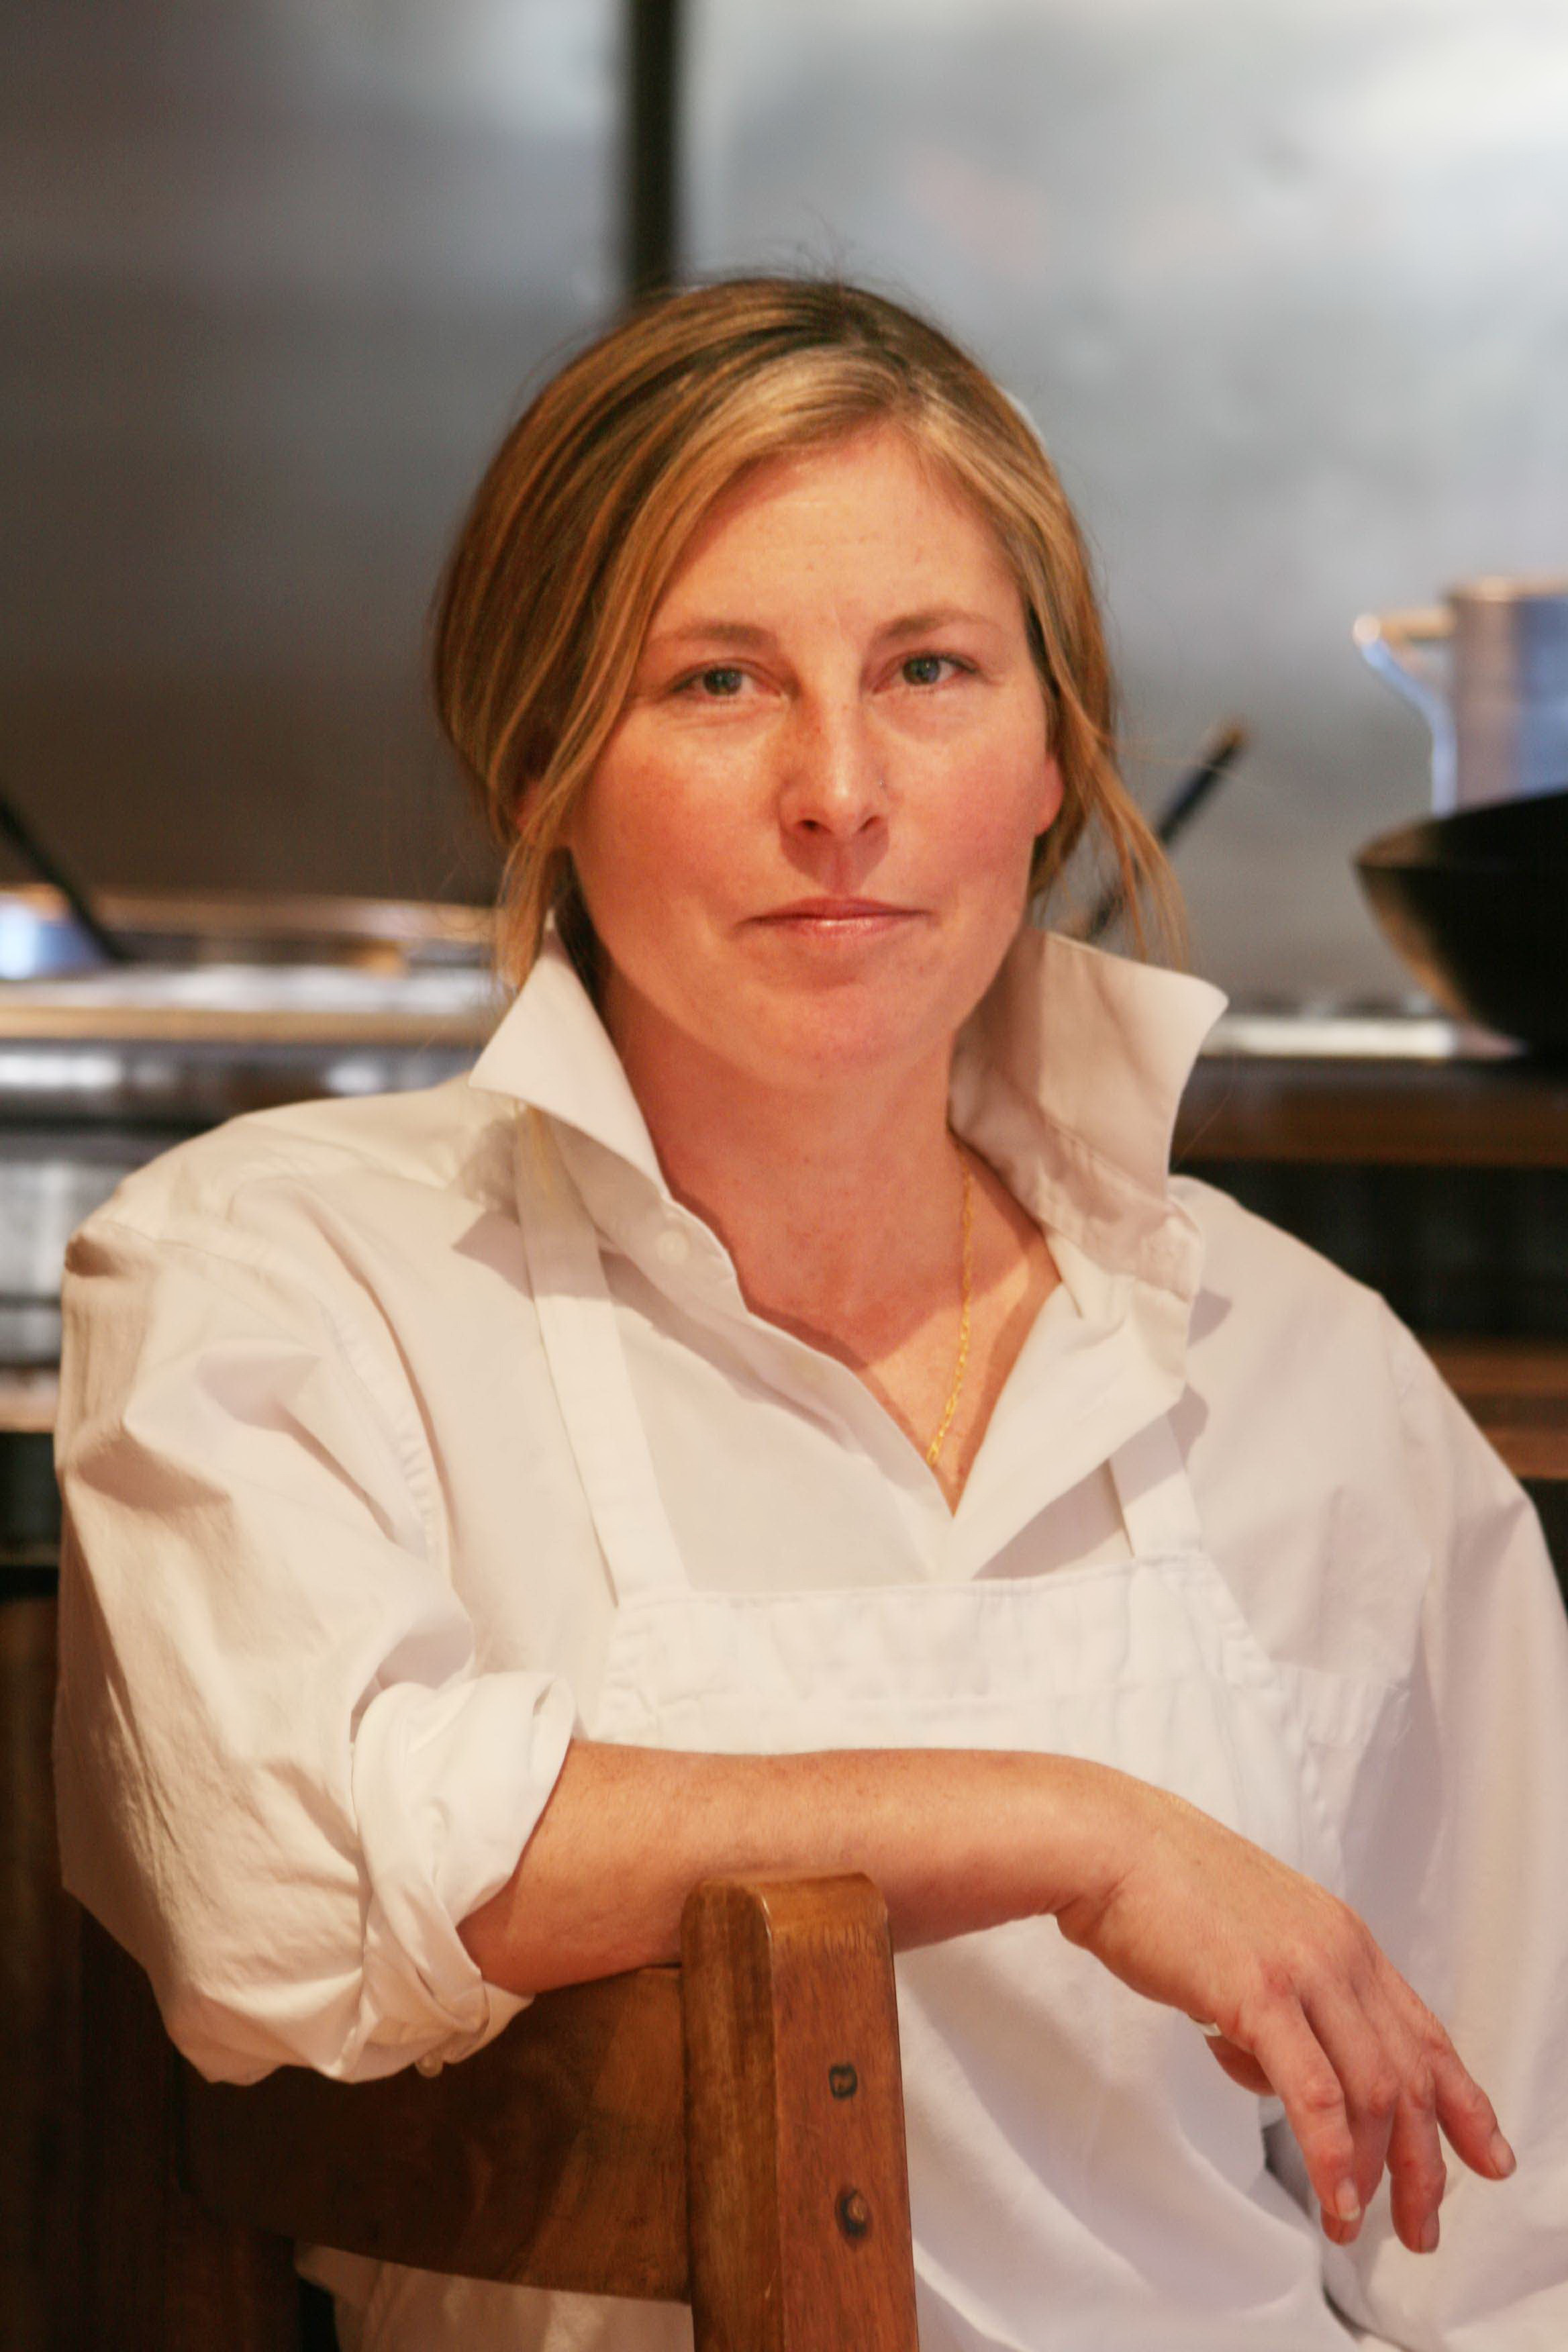 Chef Marilyn Schlossbach